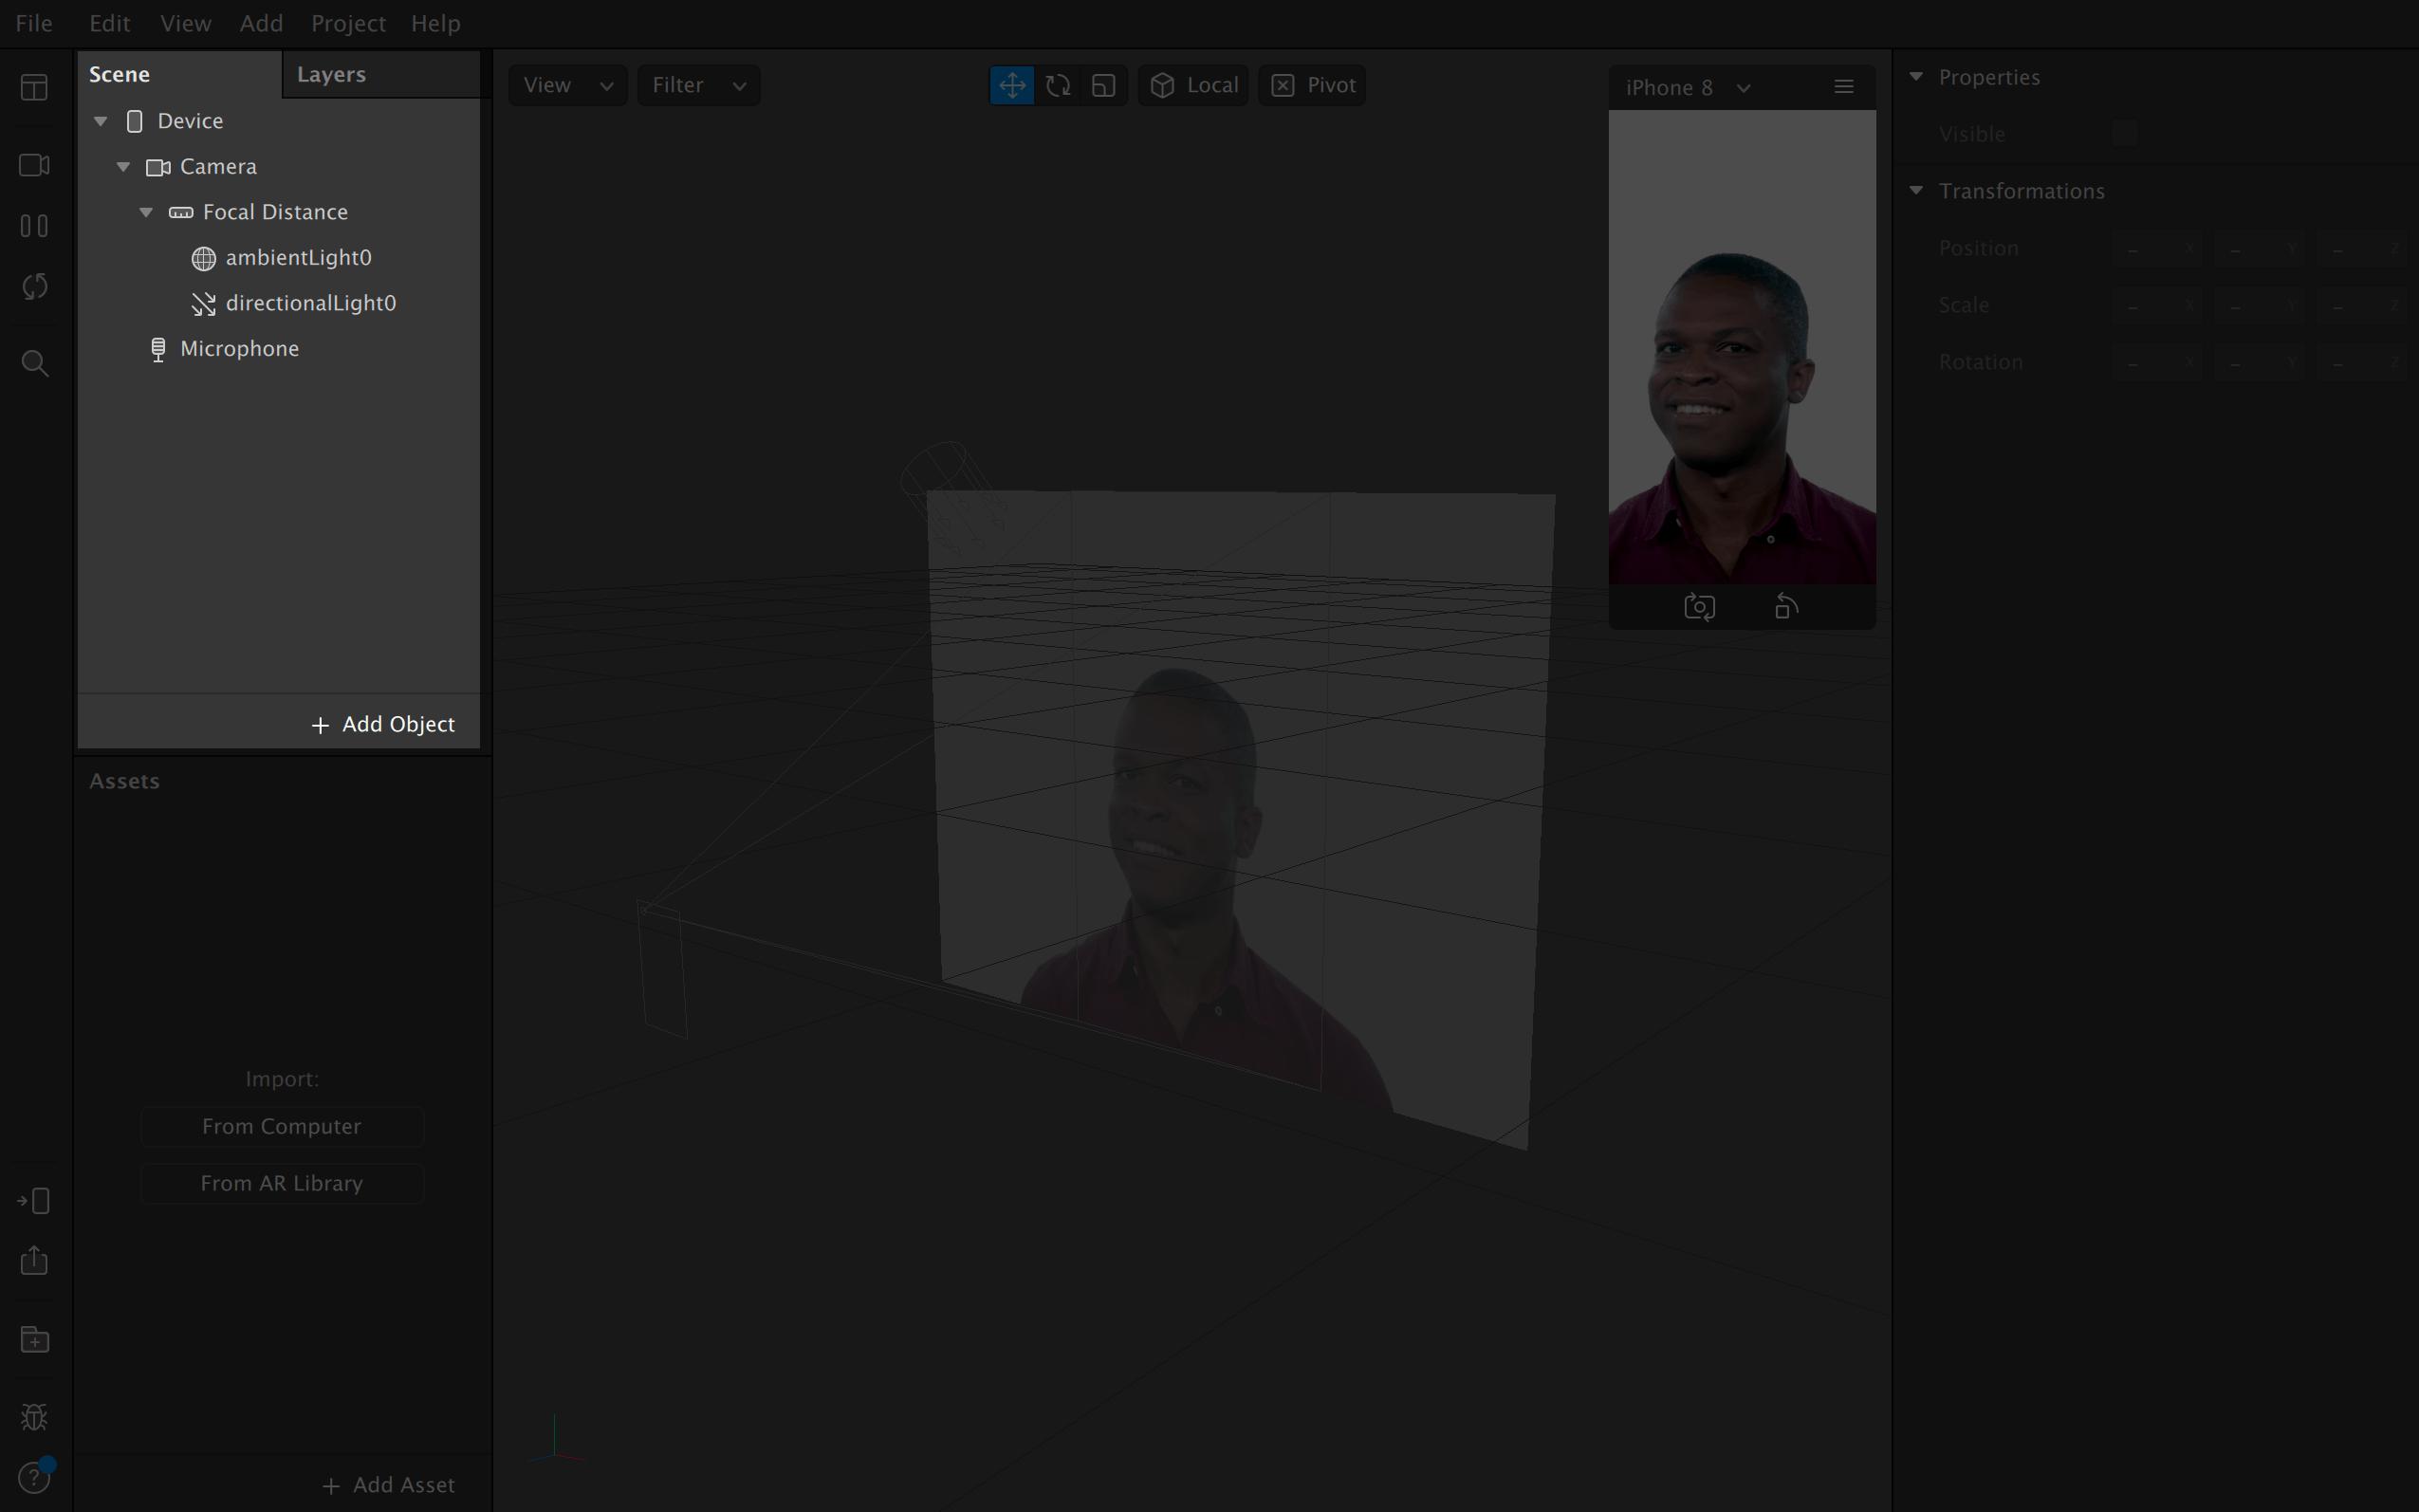 Это сцена, справа от нее — слои. По умолчанию на сцене сразу находятся девайс и элементы освещения: окружающий свет — ambientLight0, и направленный свет — directionalLight0. Это значит, что персонаж стоит в светлом месте и на него направлено какое-то освещение